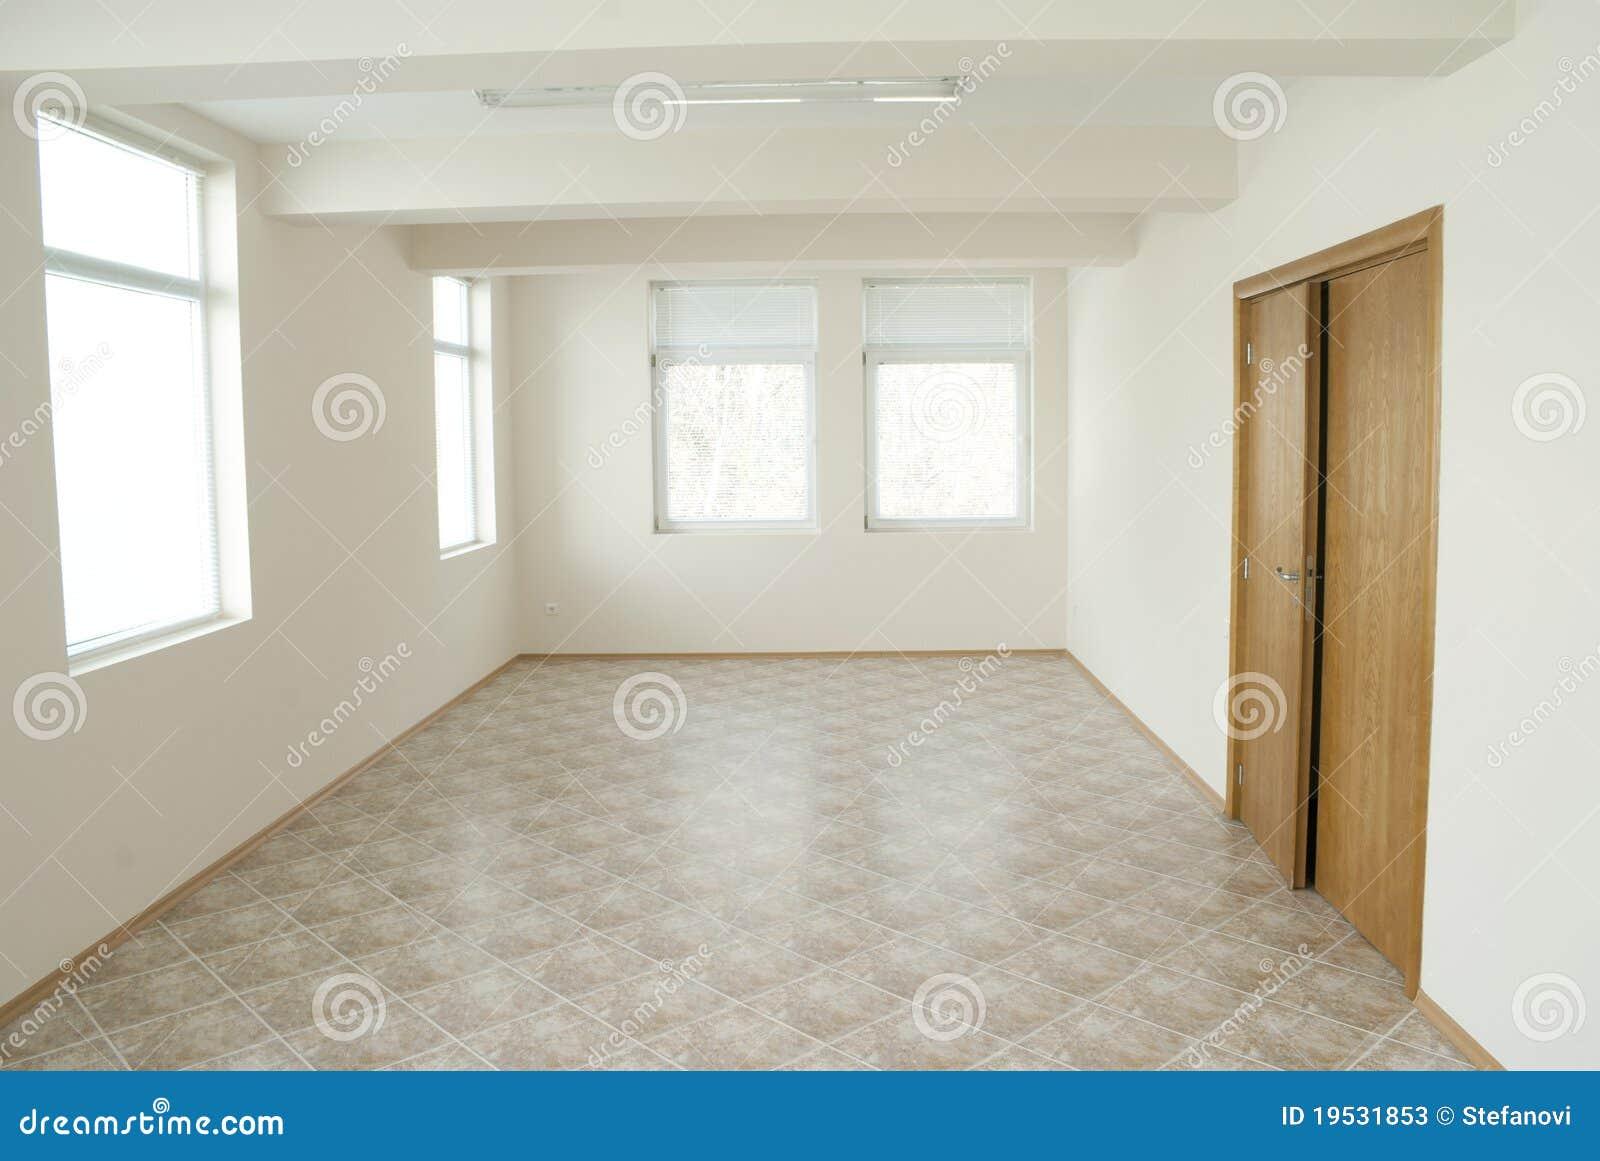 Empty Office Room With Wooden Door Stock Photos Image